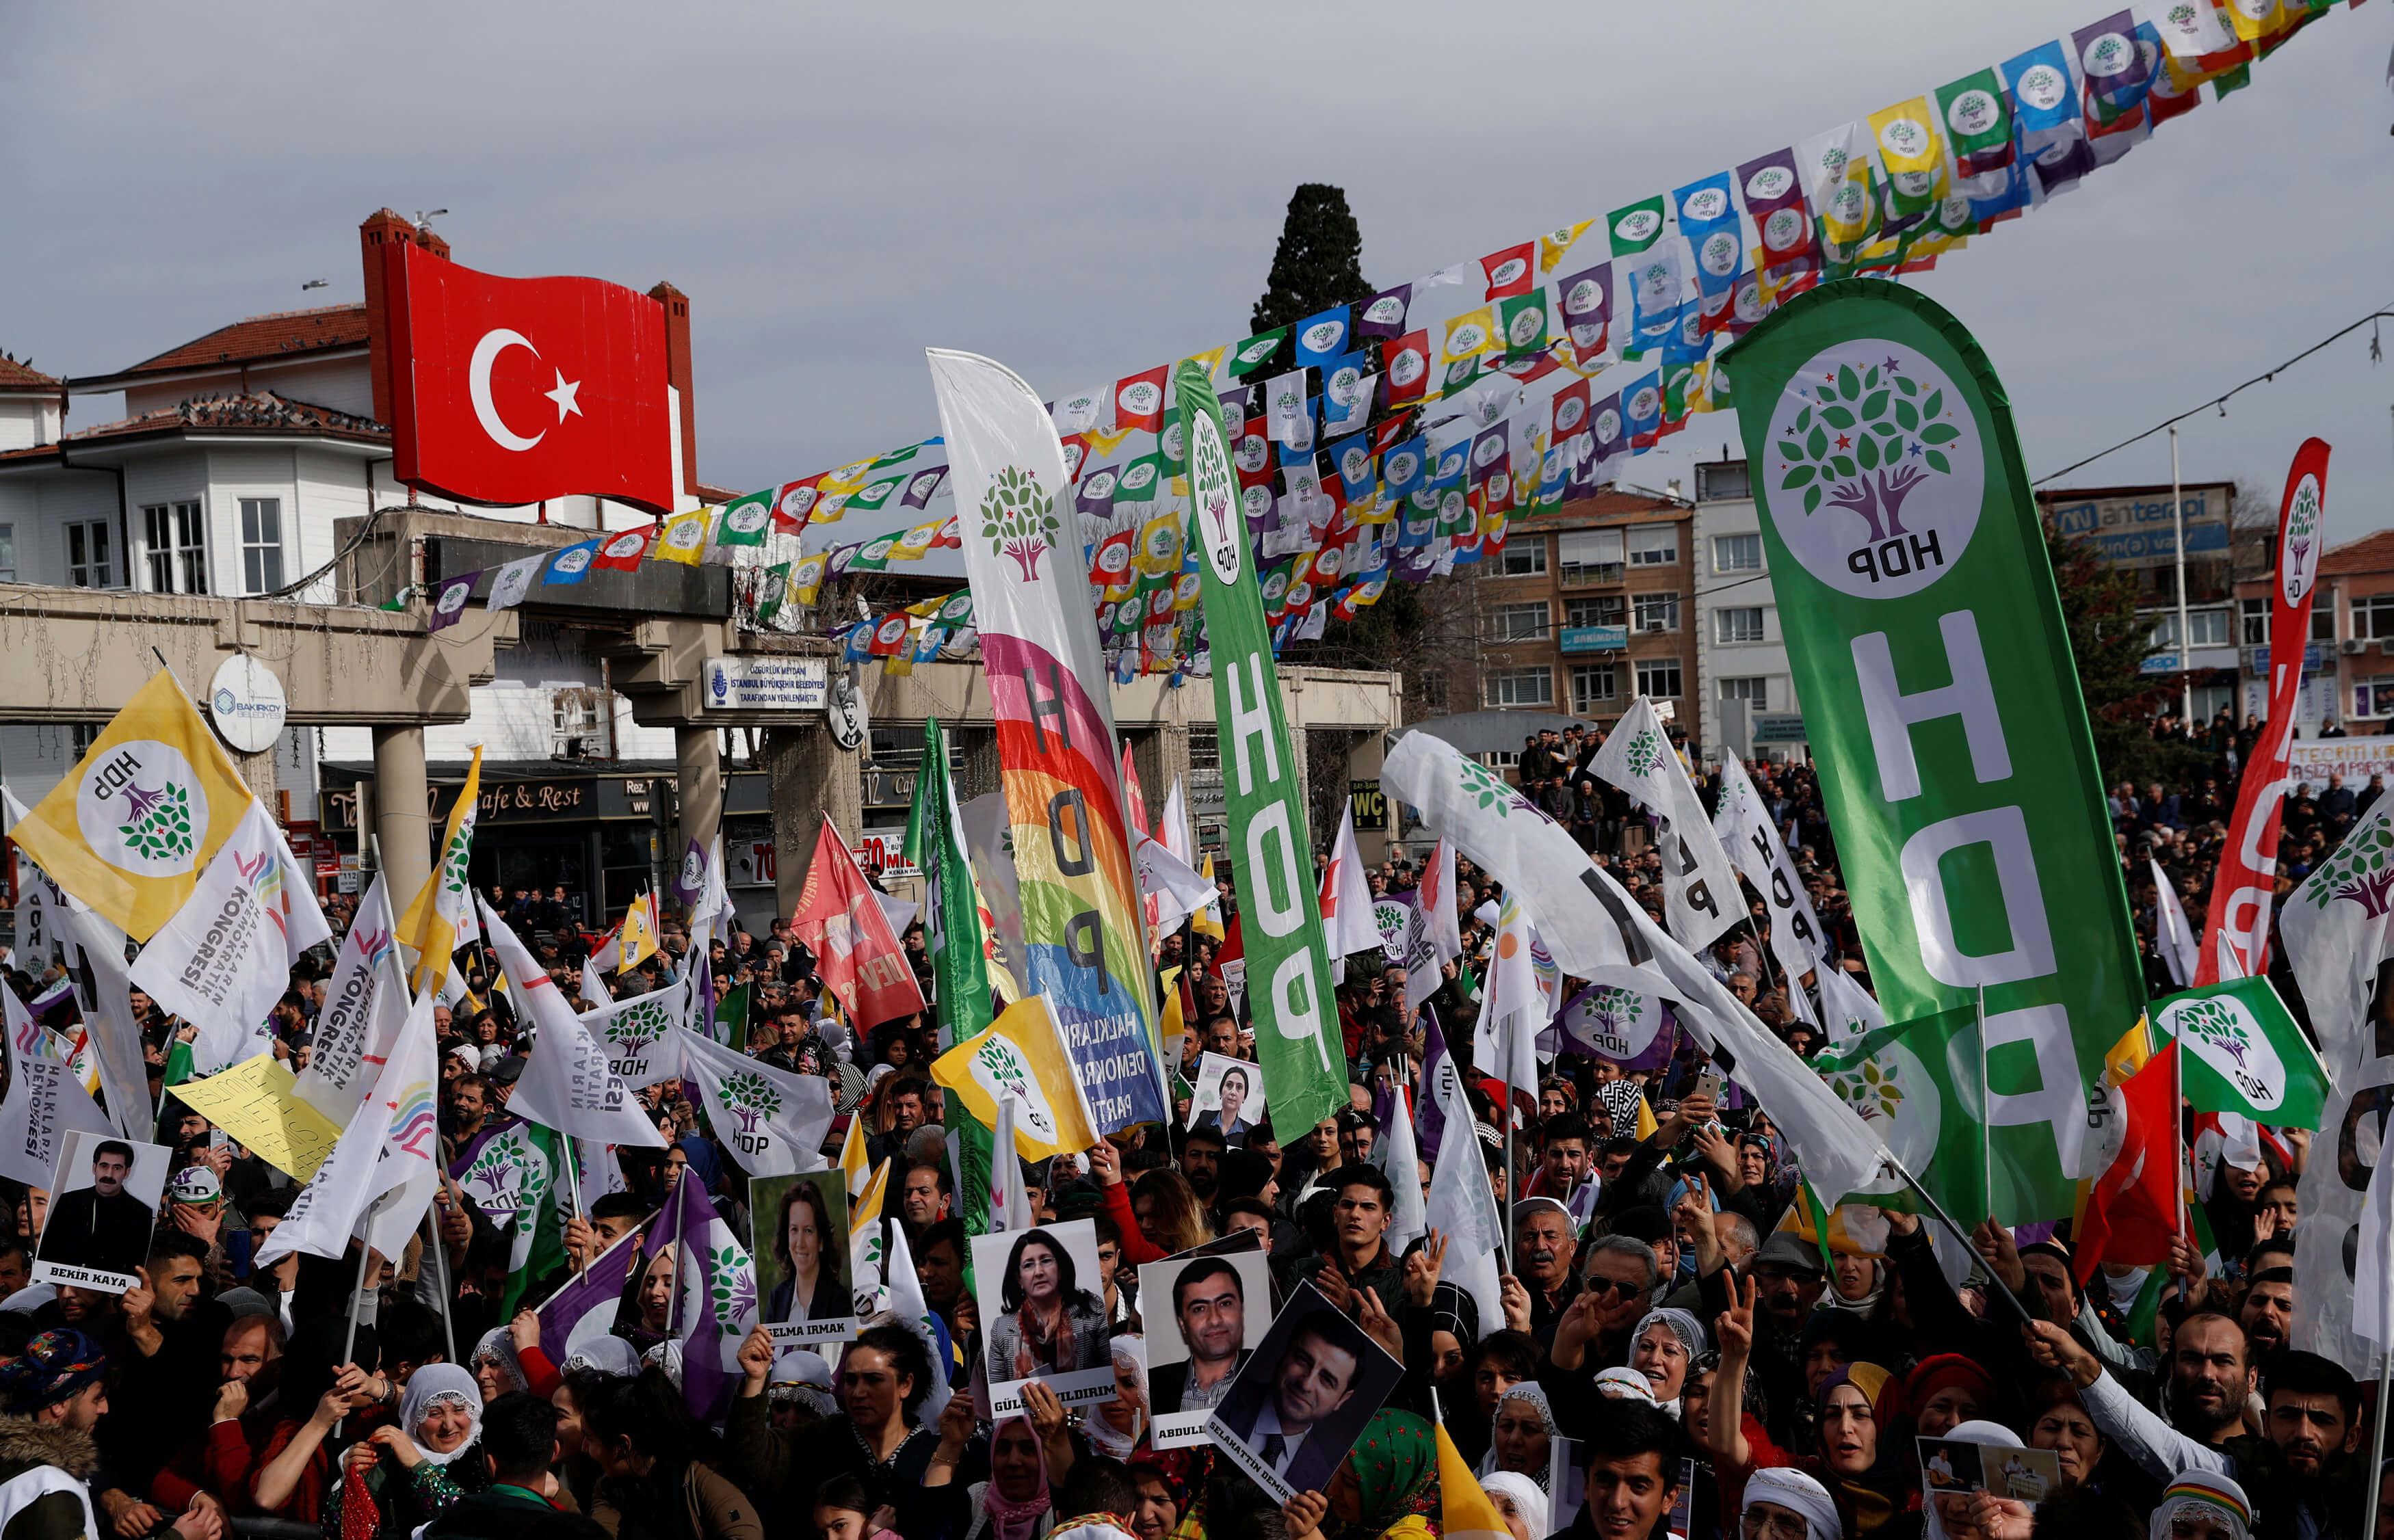 Παρέμβαση Βρυξελλών στην Τουρκία για το φιλοκουρδικό κόμμα: Μην το απαγορεύσετε